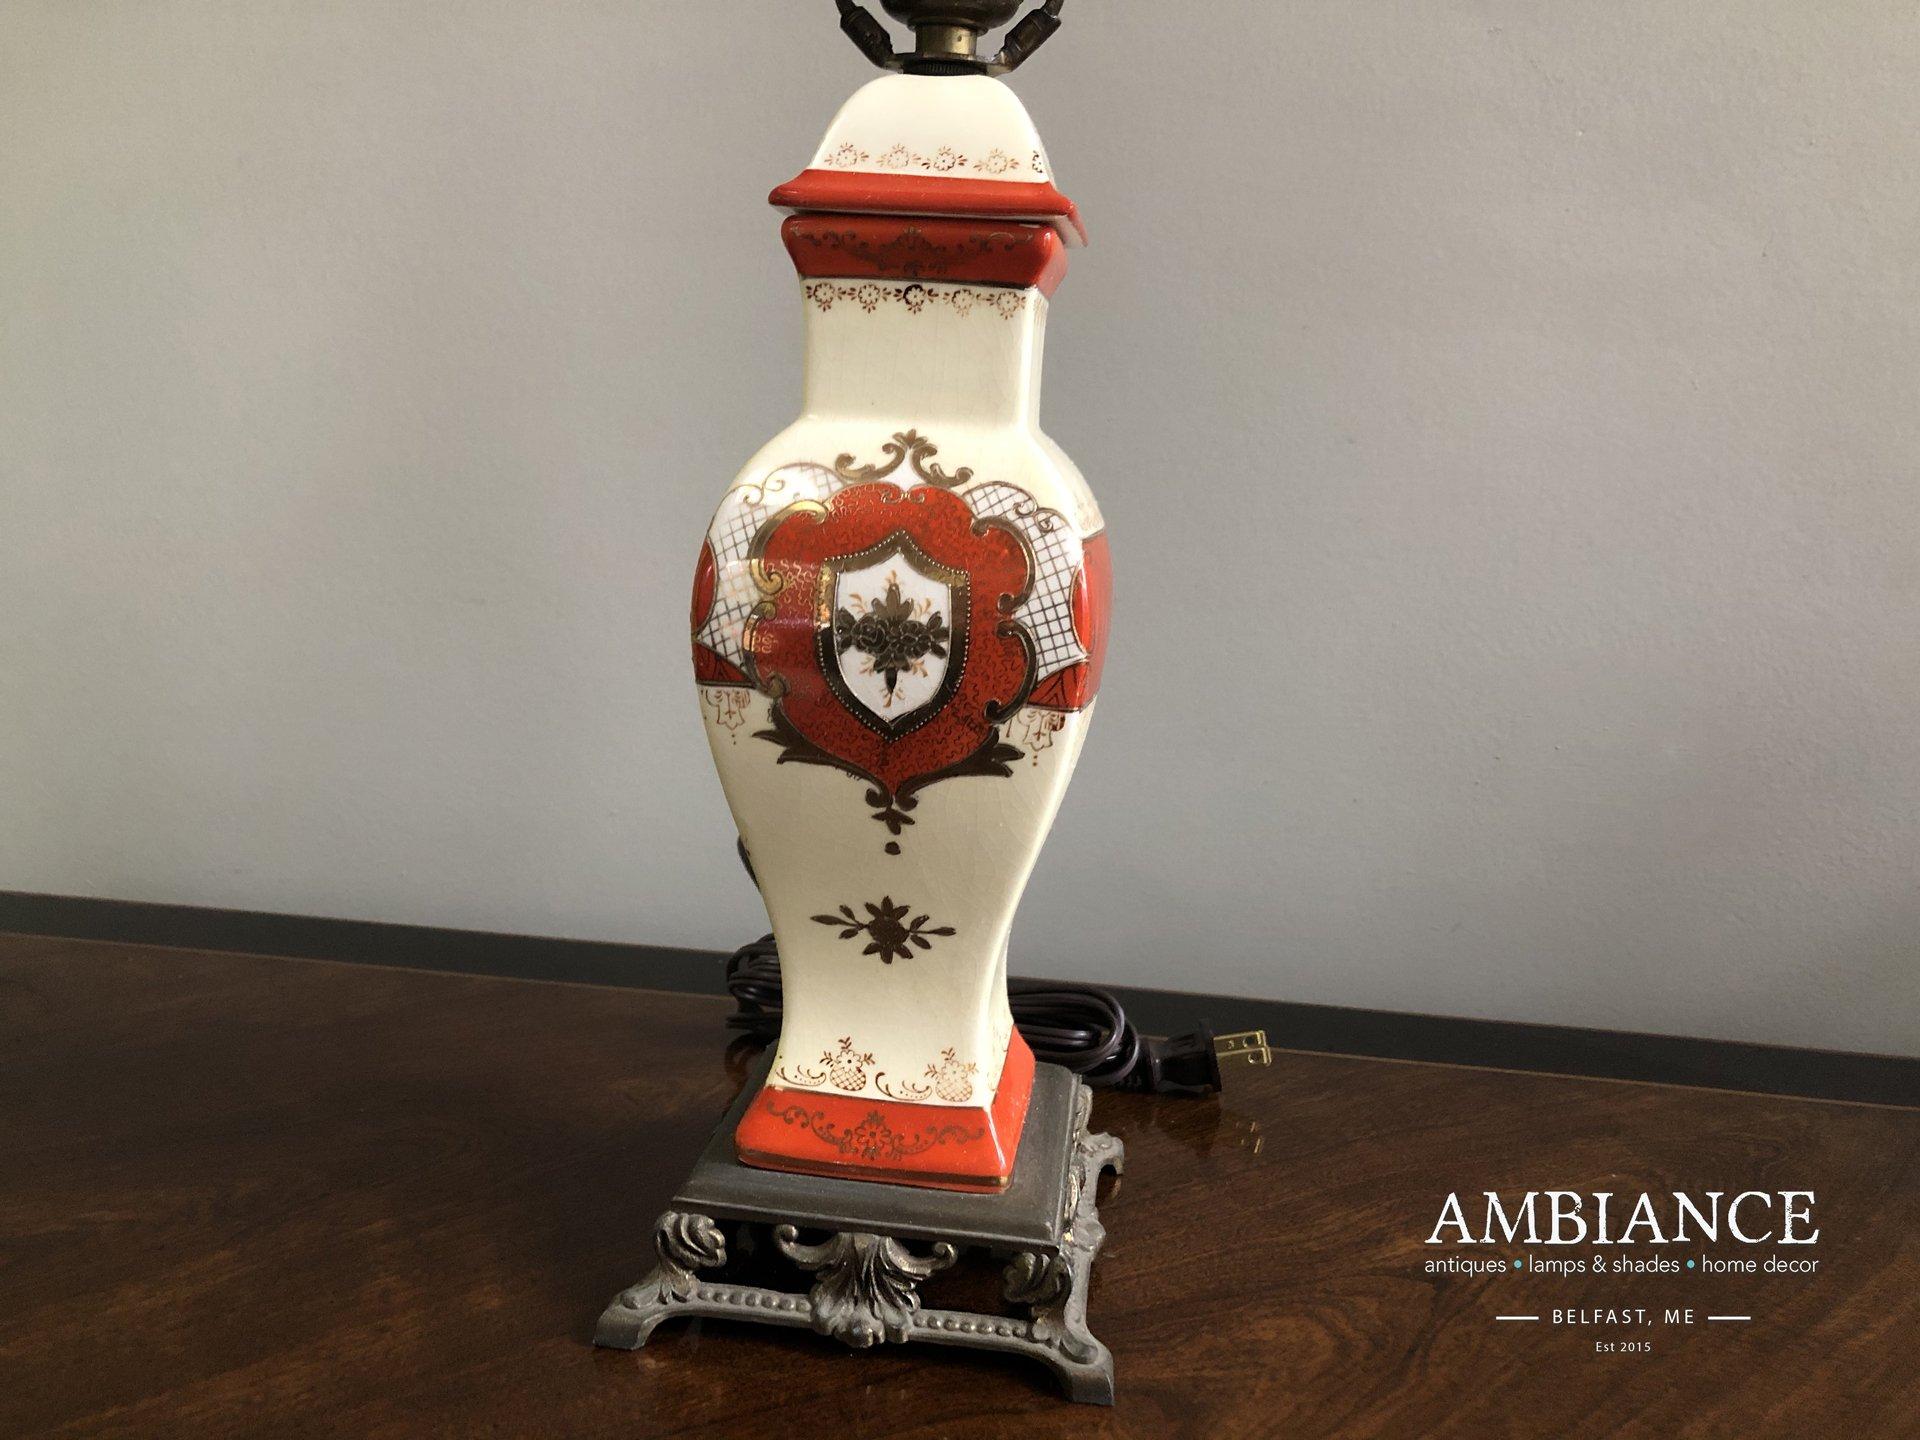 Ginger Jar Vintage Lamp for sale online at AMBIANCE (01)